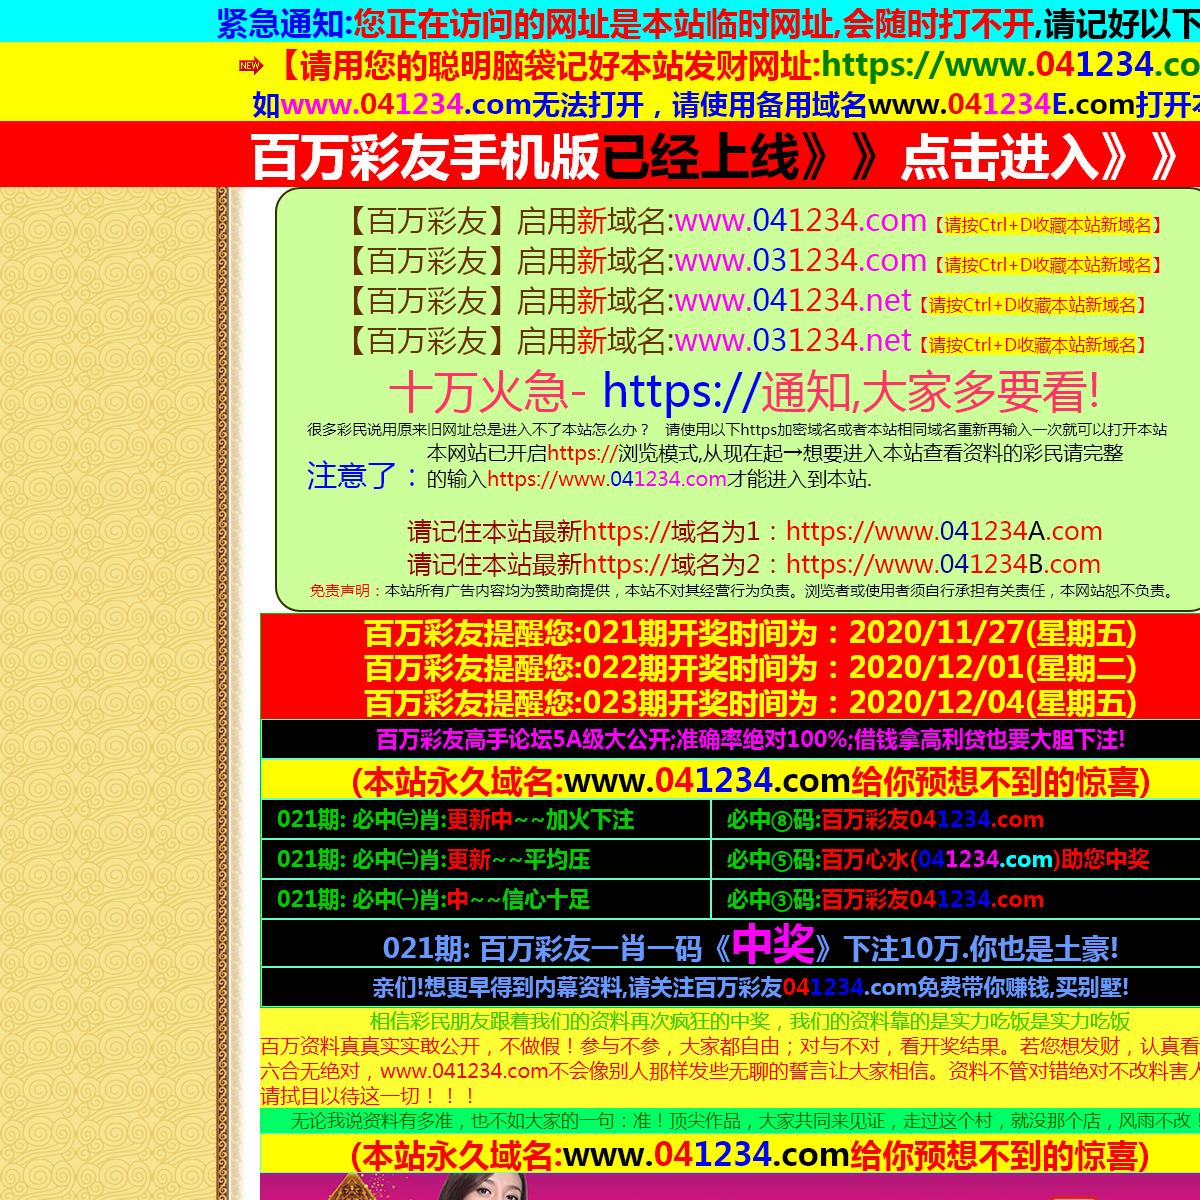 新版跑狗图每期更新,香港跑狗图片,大众免费印刷图库香港跑狗图网,www.4934a.com,www.1257.cc